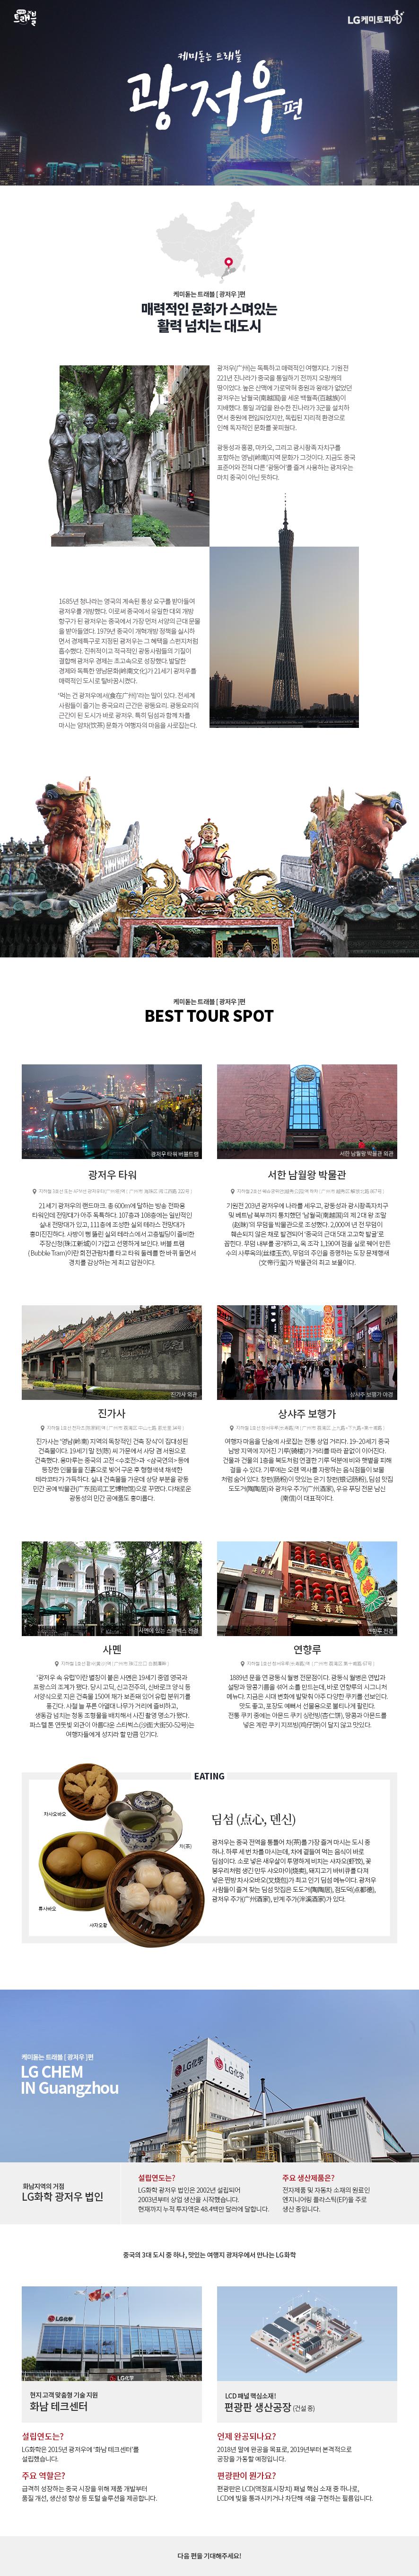 케미돋는 트래블 [광저우] 편 : 매력적인 문화가 스며있는 활력 넘치는 대도시